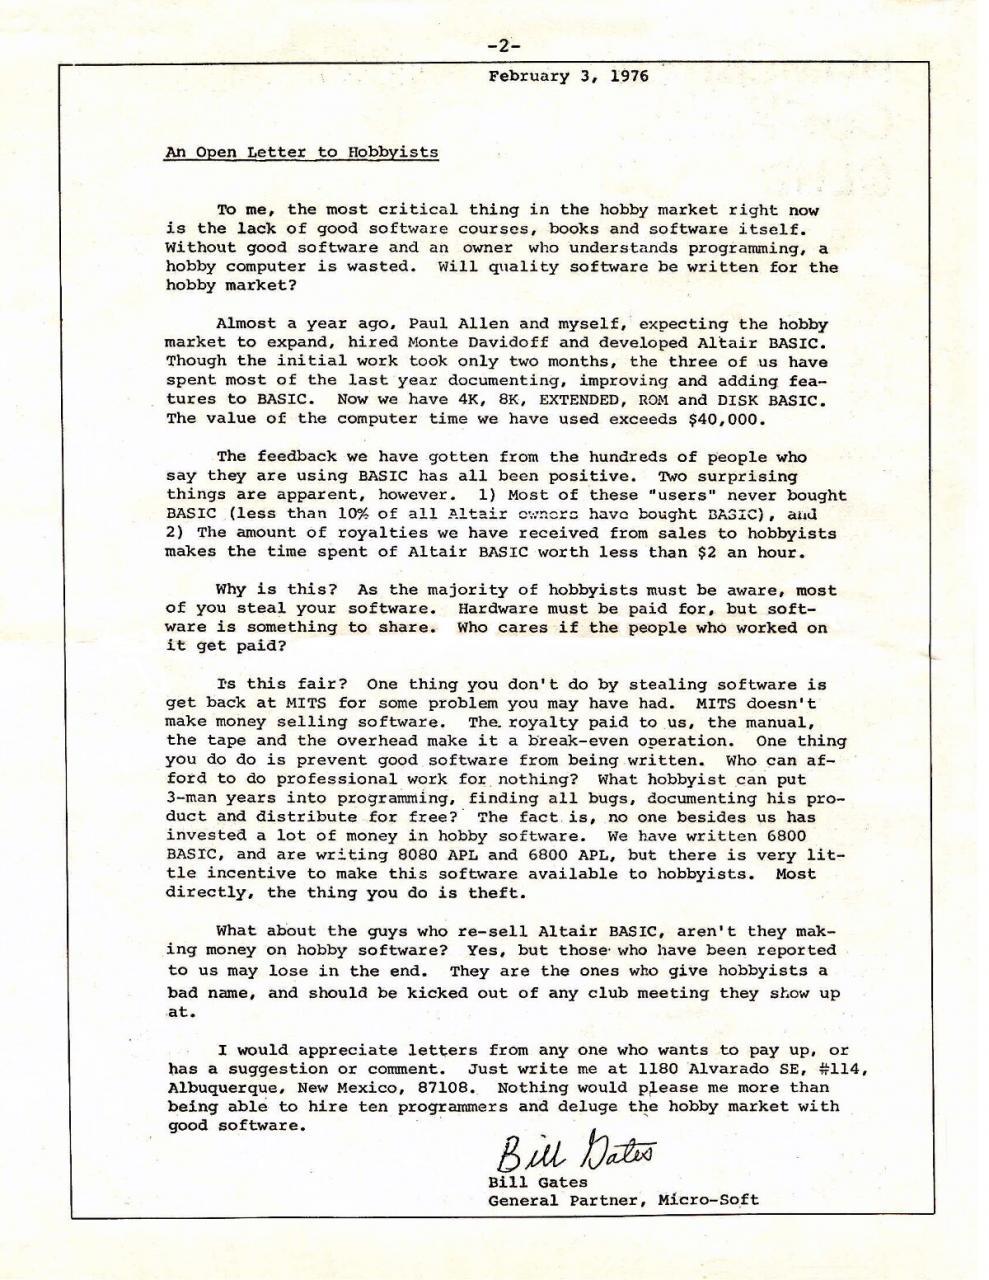 То самое письмо Билла Гейтса в защиту копирайта